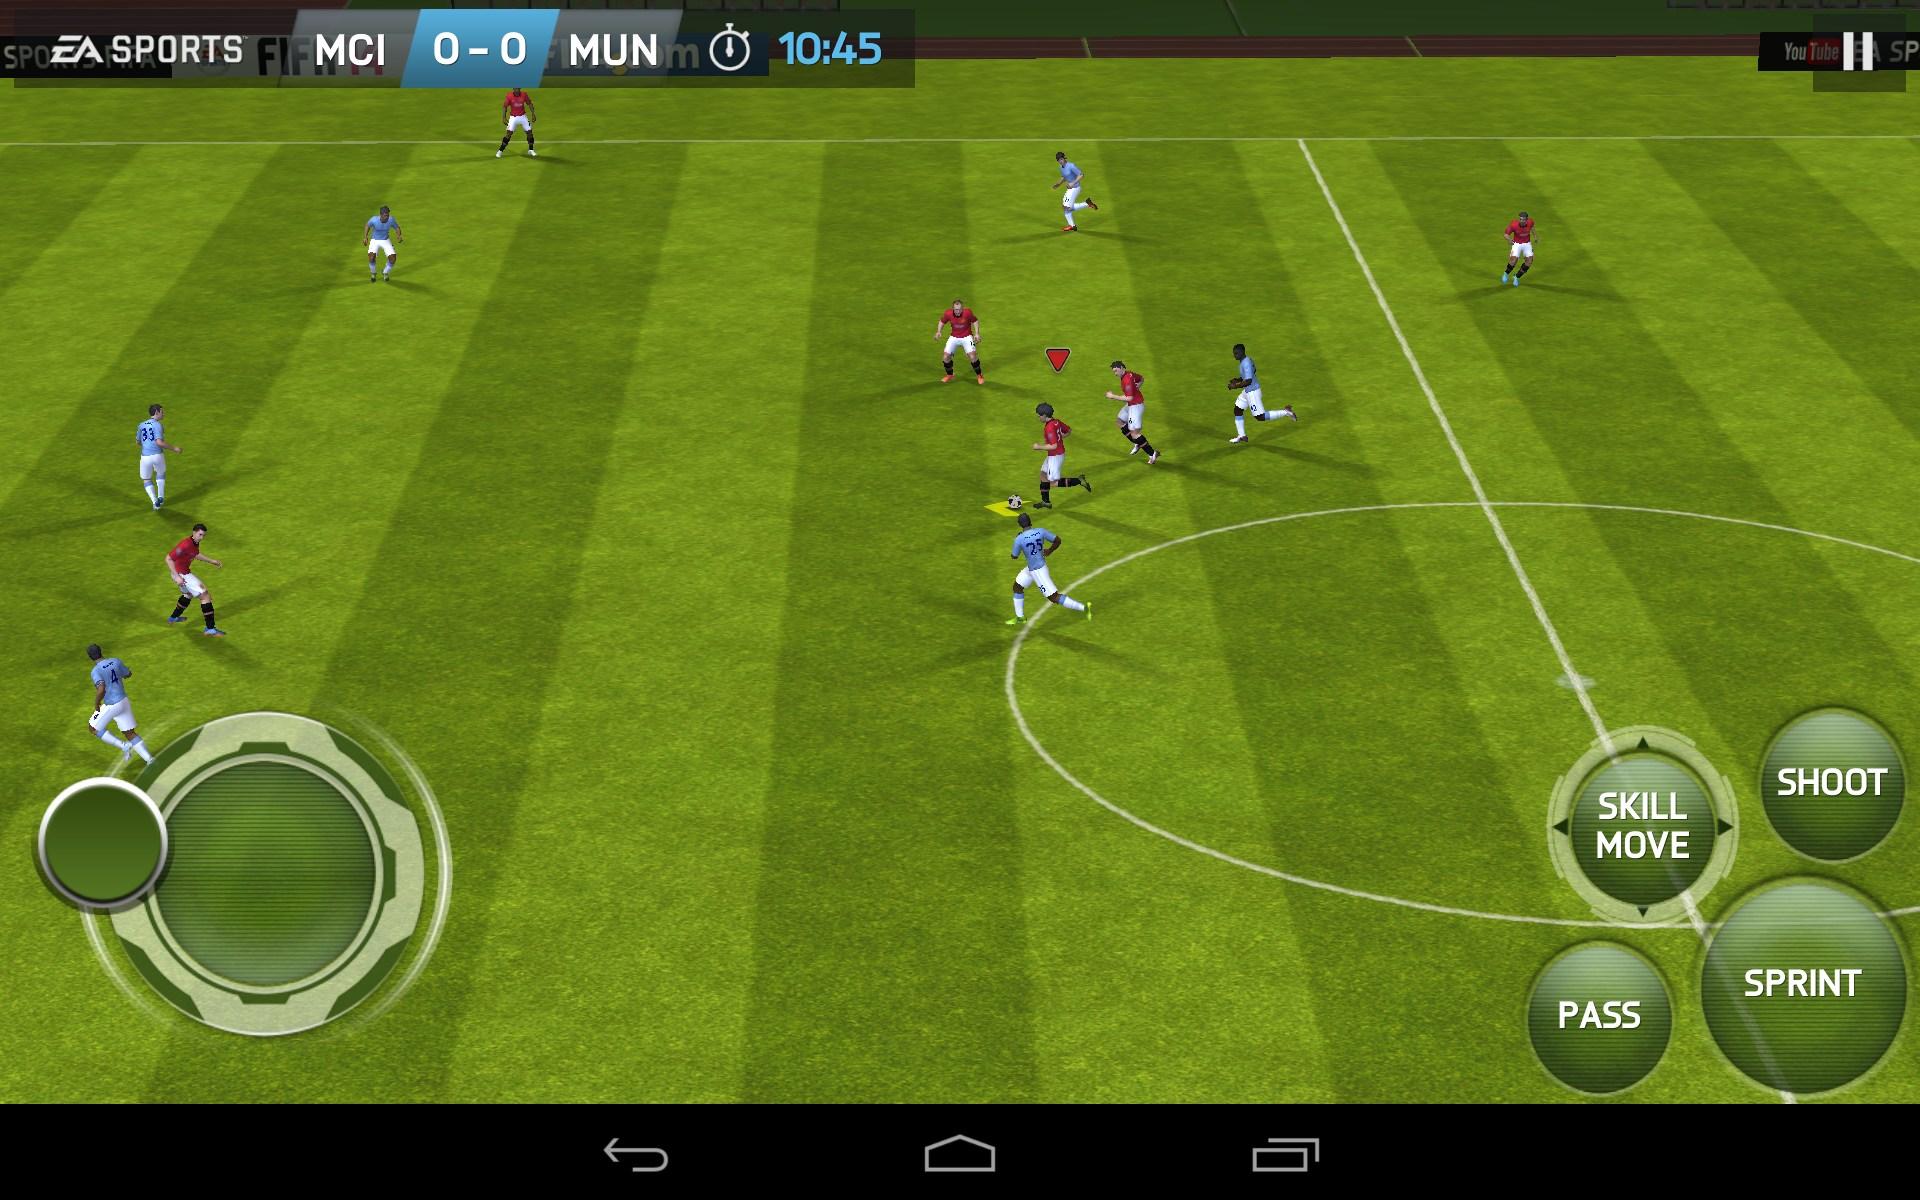 دانلود بازی FIFA 14 1.3.2 - بازی فیفا 14 برای آندروید + دیتا... FIFA-14-by-EA-SPORTS-2 ...